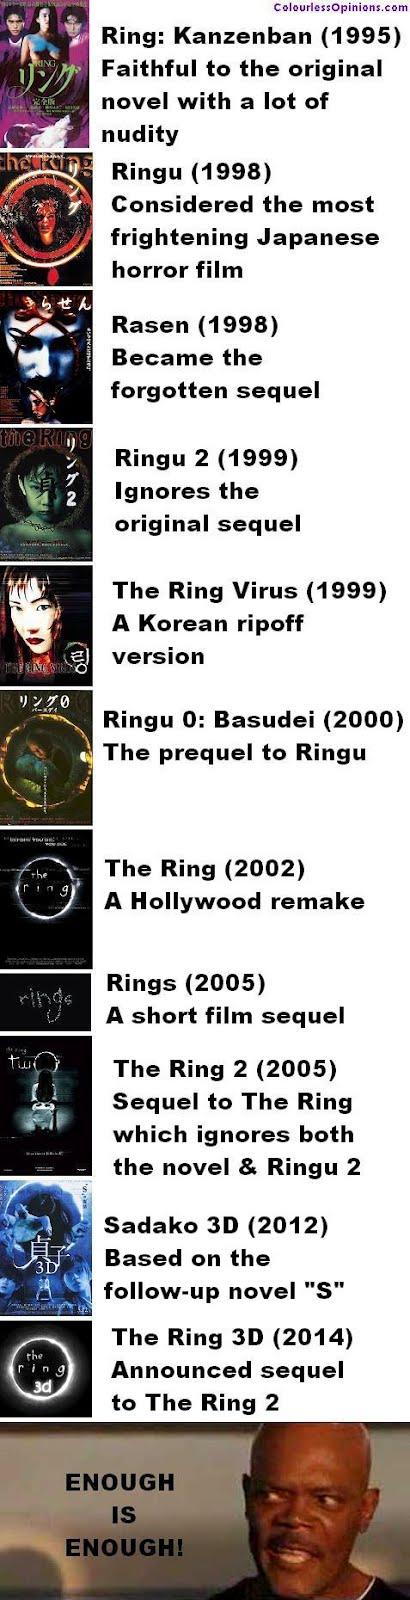 All The Ring films meme 9gag